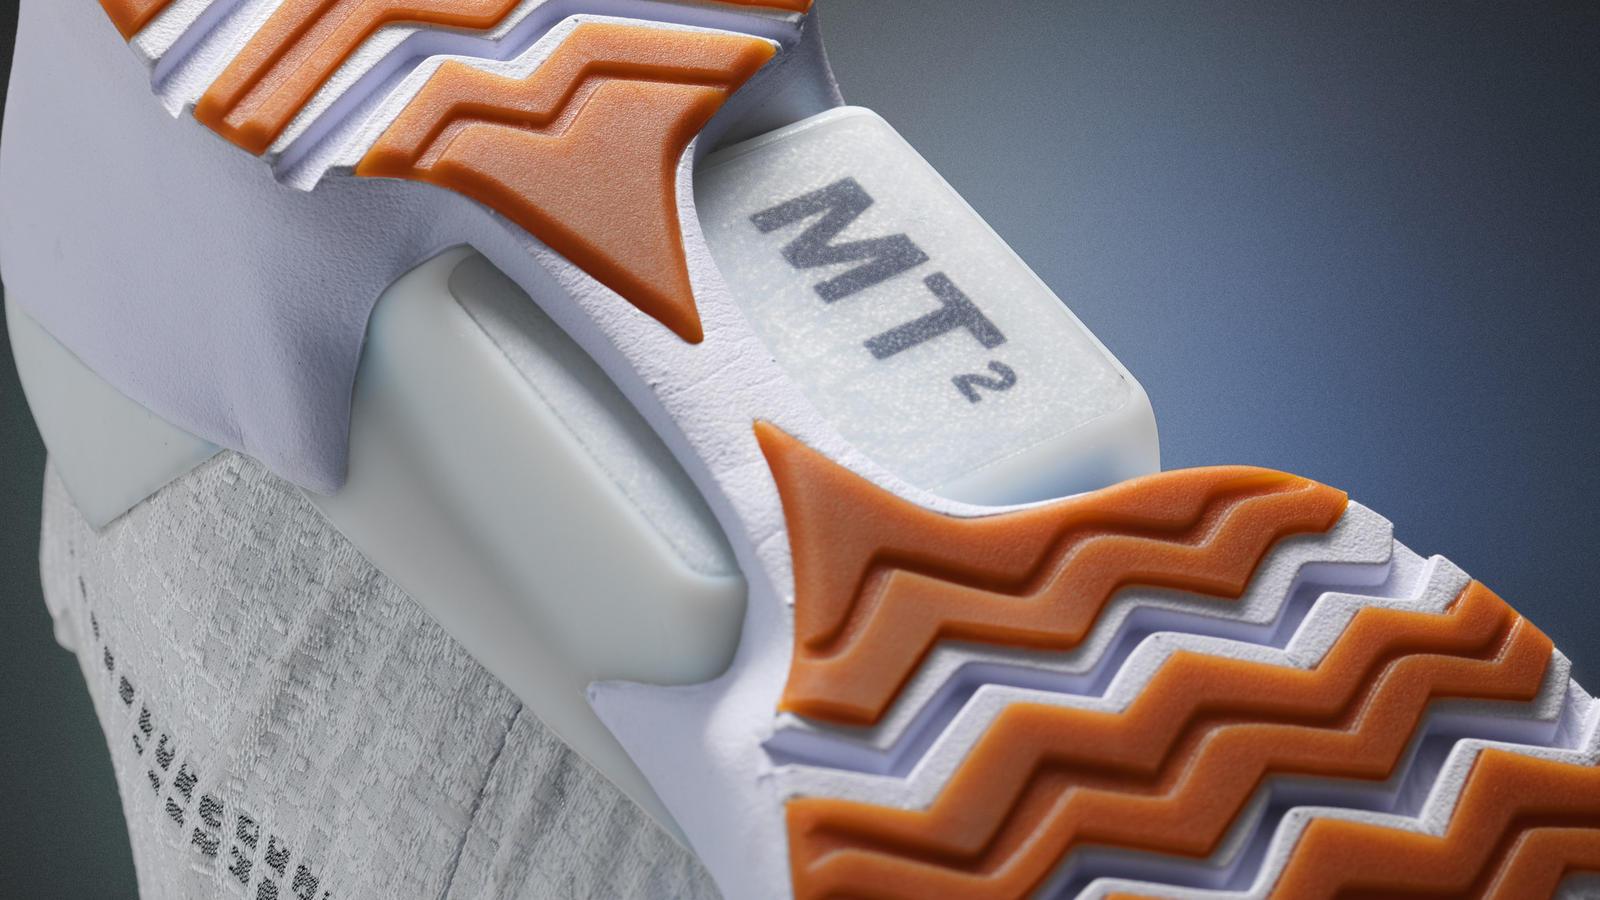 c34dd359614 Nike começar a vender tênis que se amarra sozinho no Brasil - TecMundo